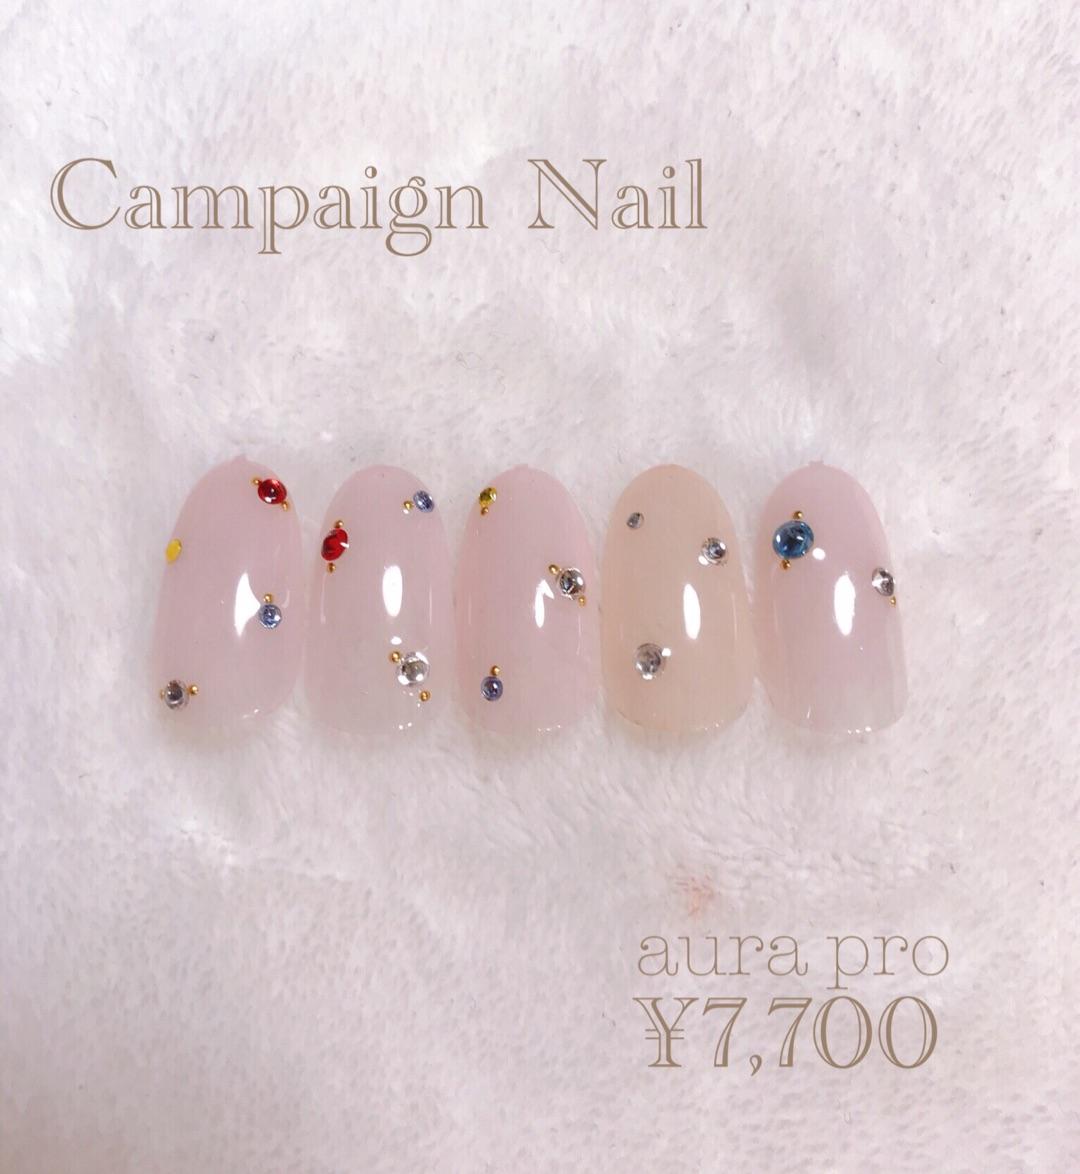 12月のキャンペーンネイル